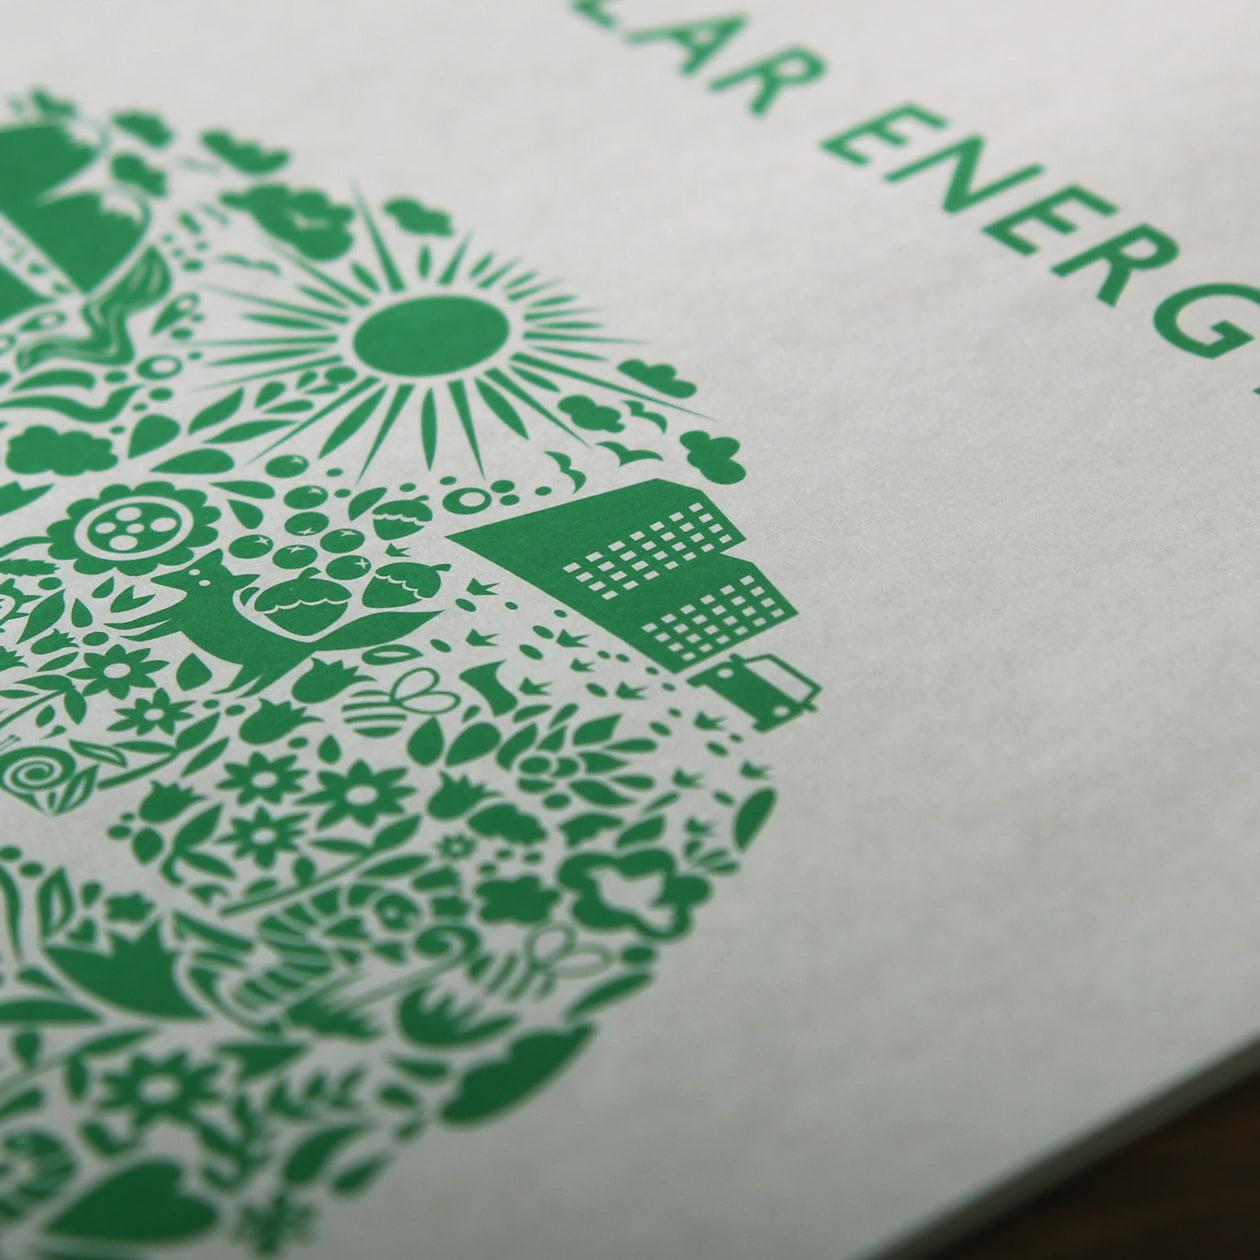 環境保全を意識した冊子